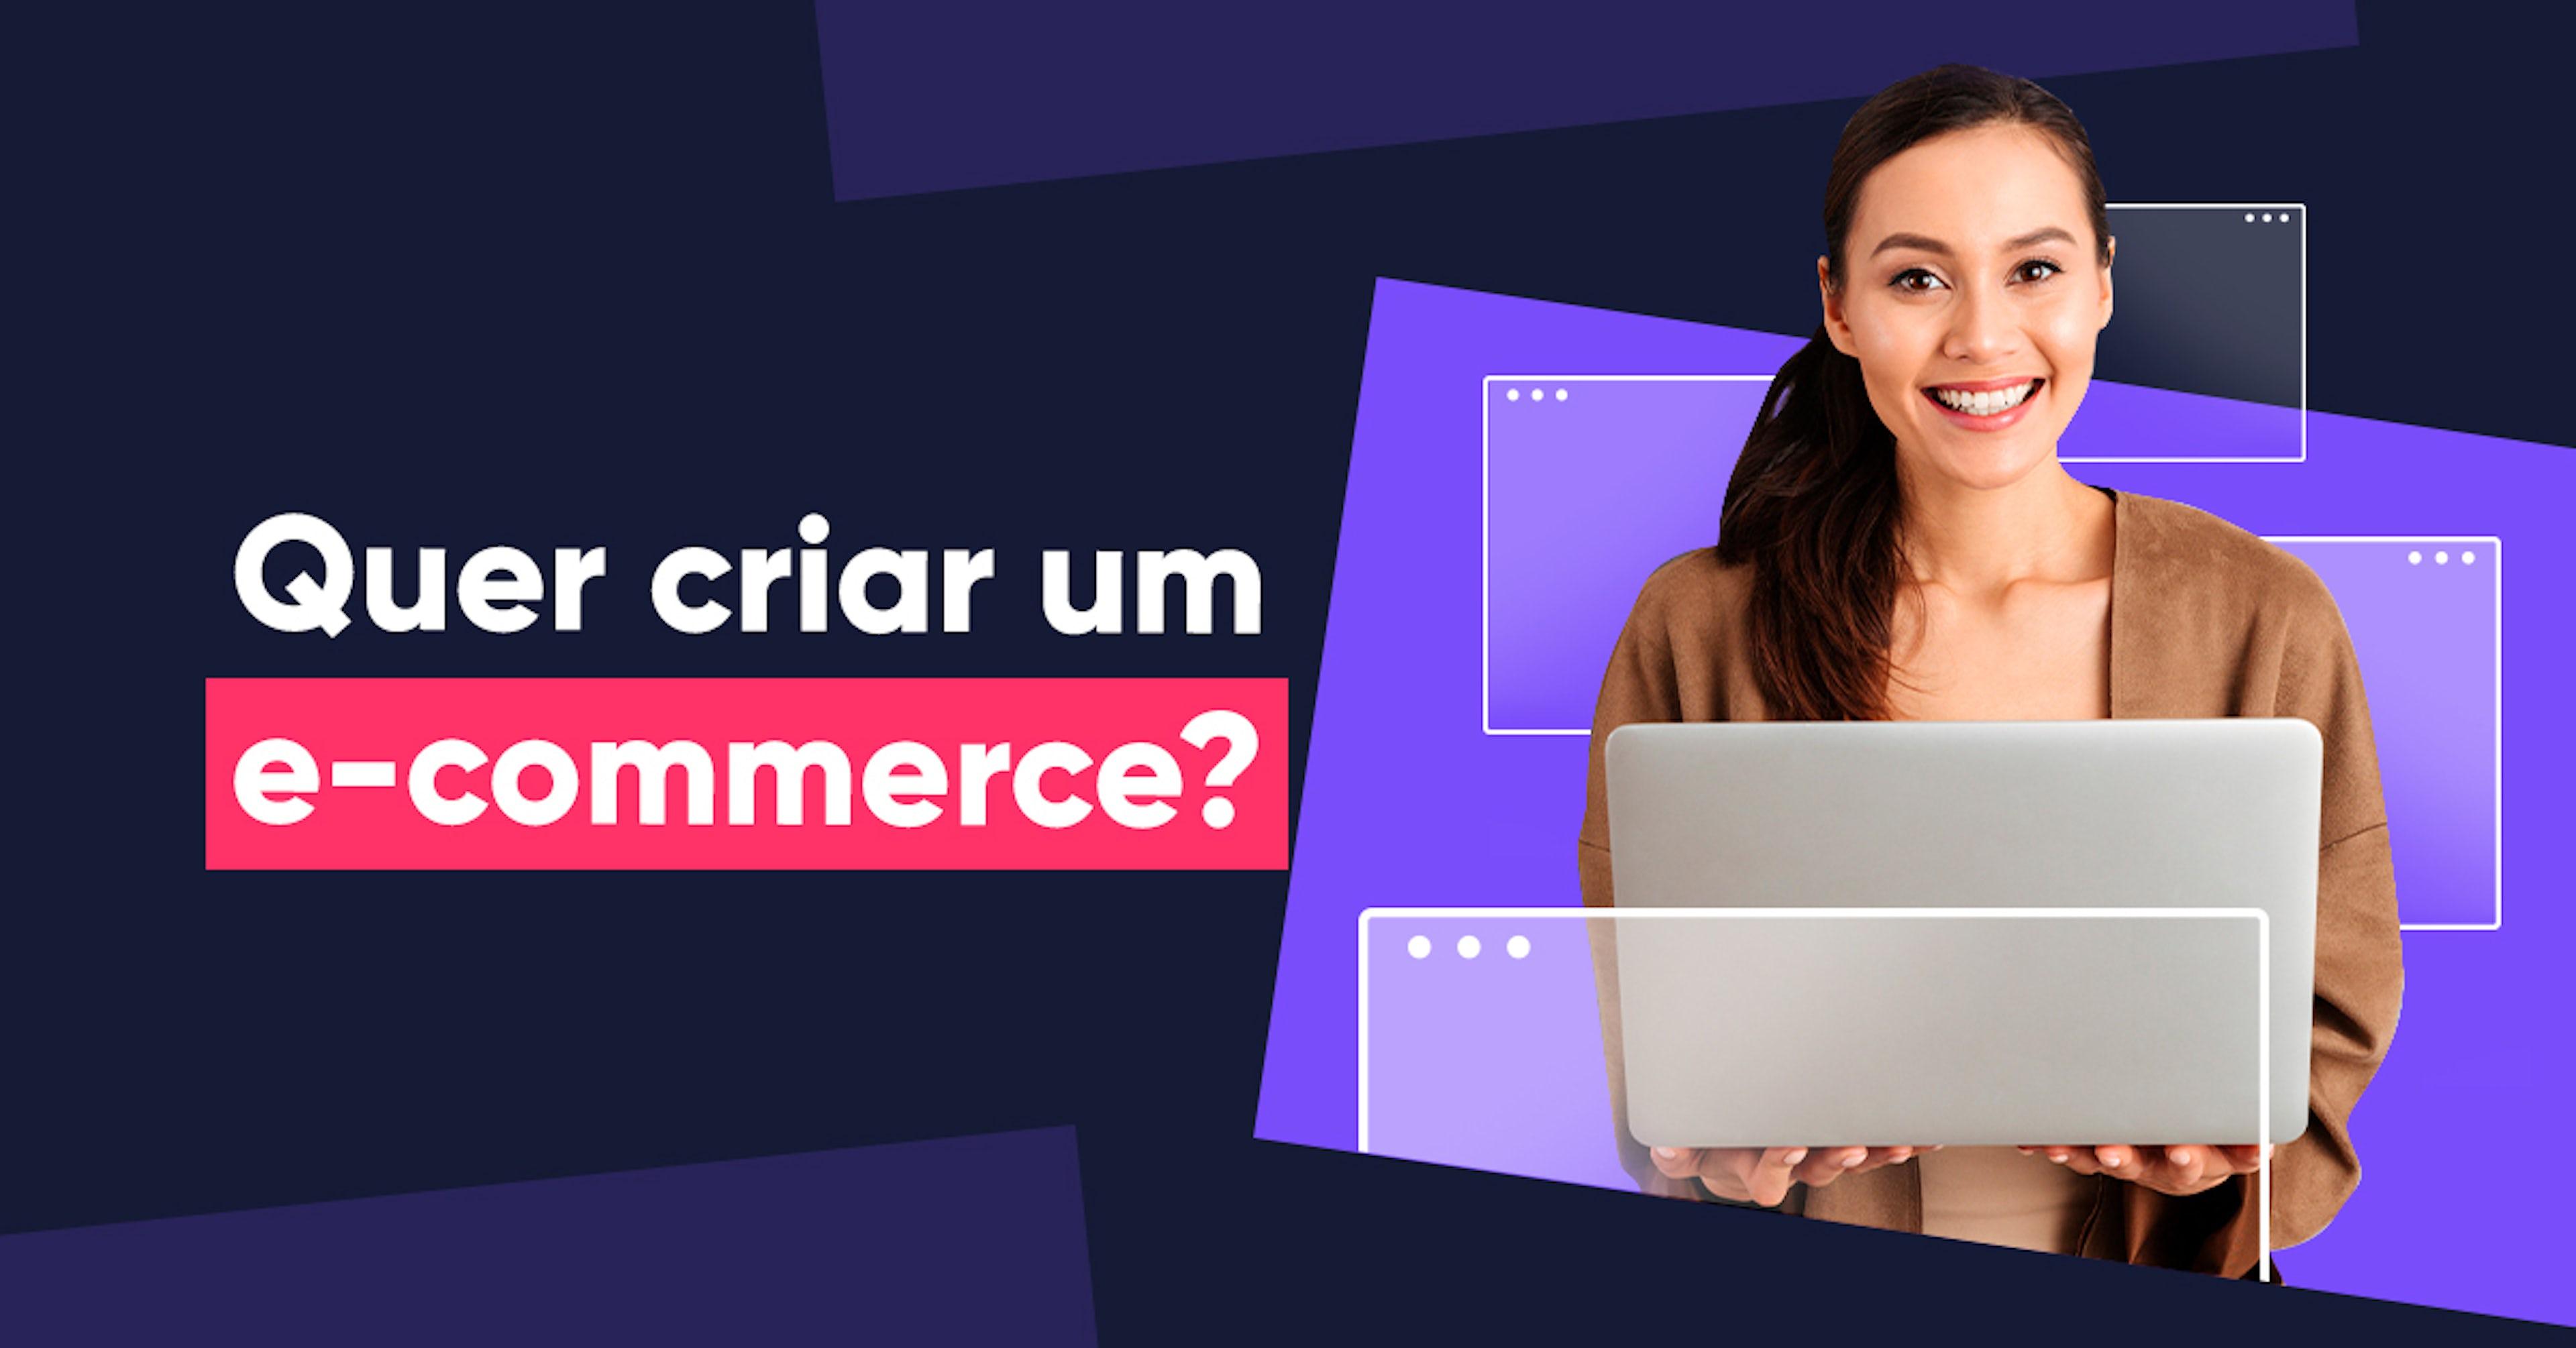 Quer criar um e-commerce? Não tenha medo de dar o primeiro passo